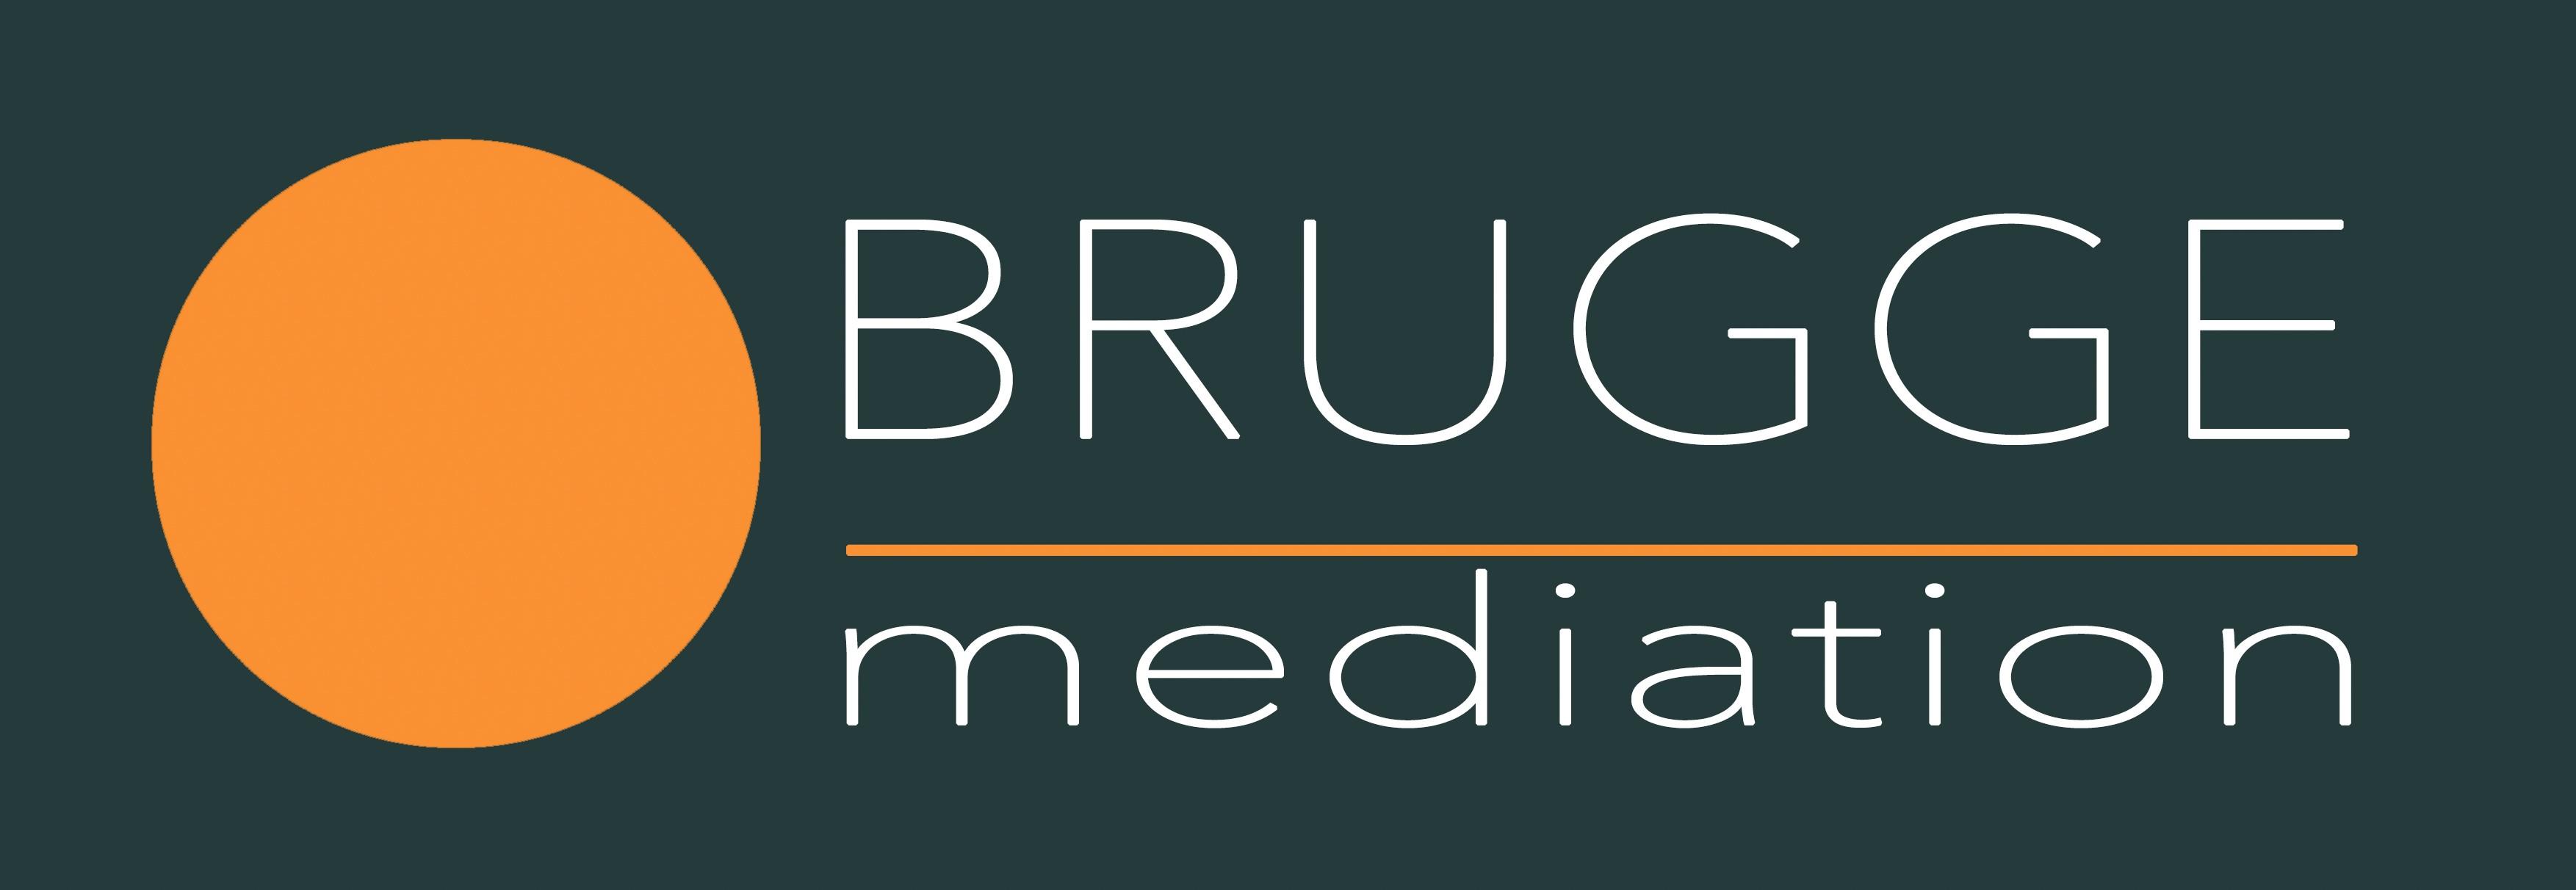 Brugge mediation